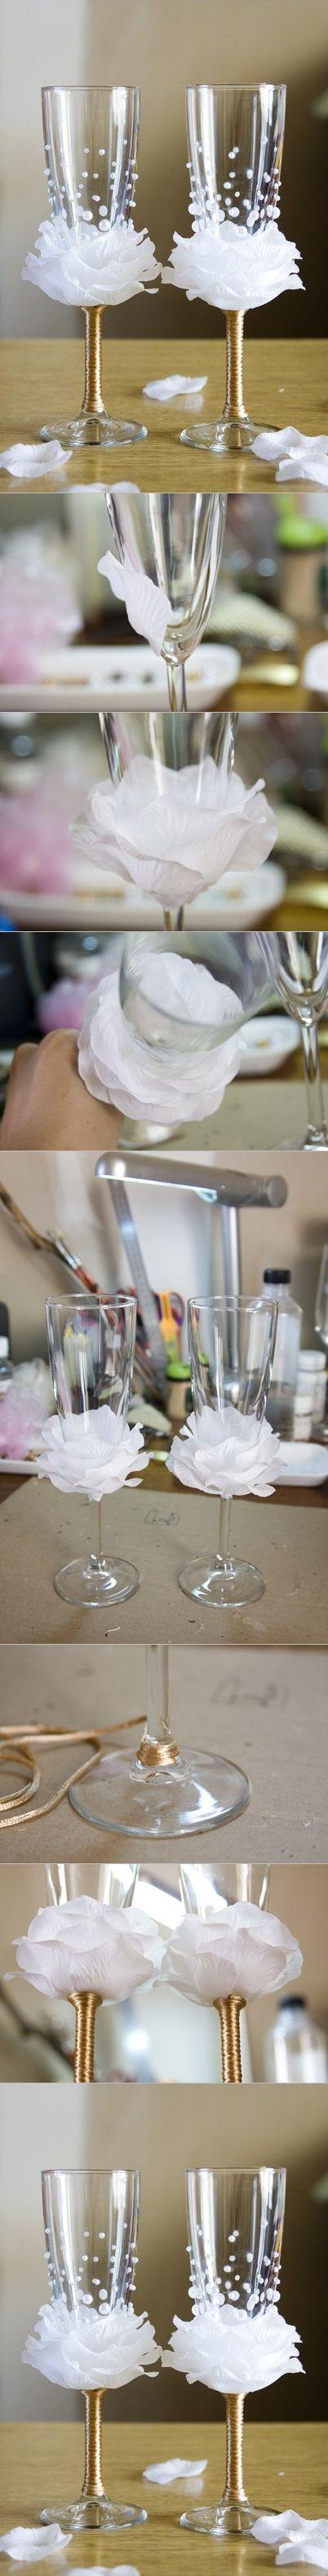 Bonjour à tous! Pour mettre un peu de pep's et de folie dans votre vaisselle, rien de tel que le DIY (Do It Yourself). Pas besoin de se ruiner dans...